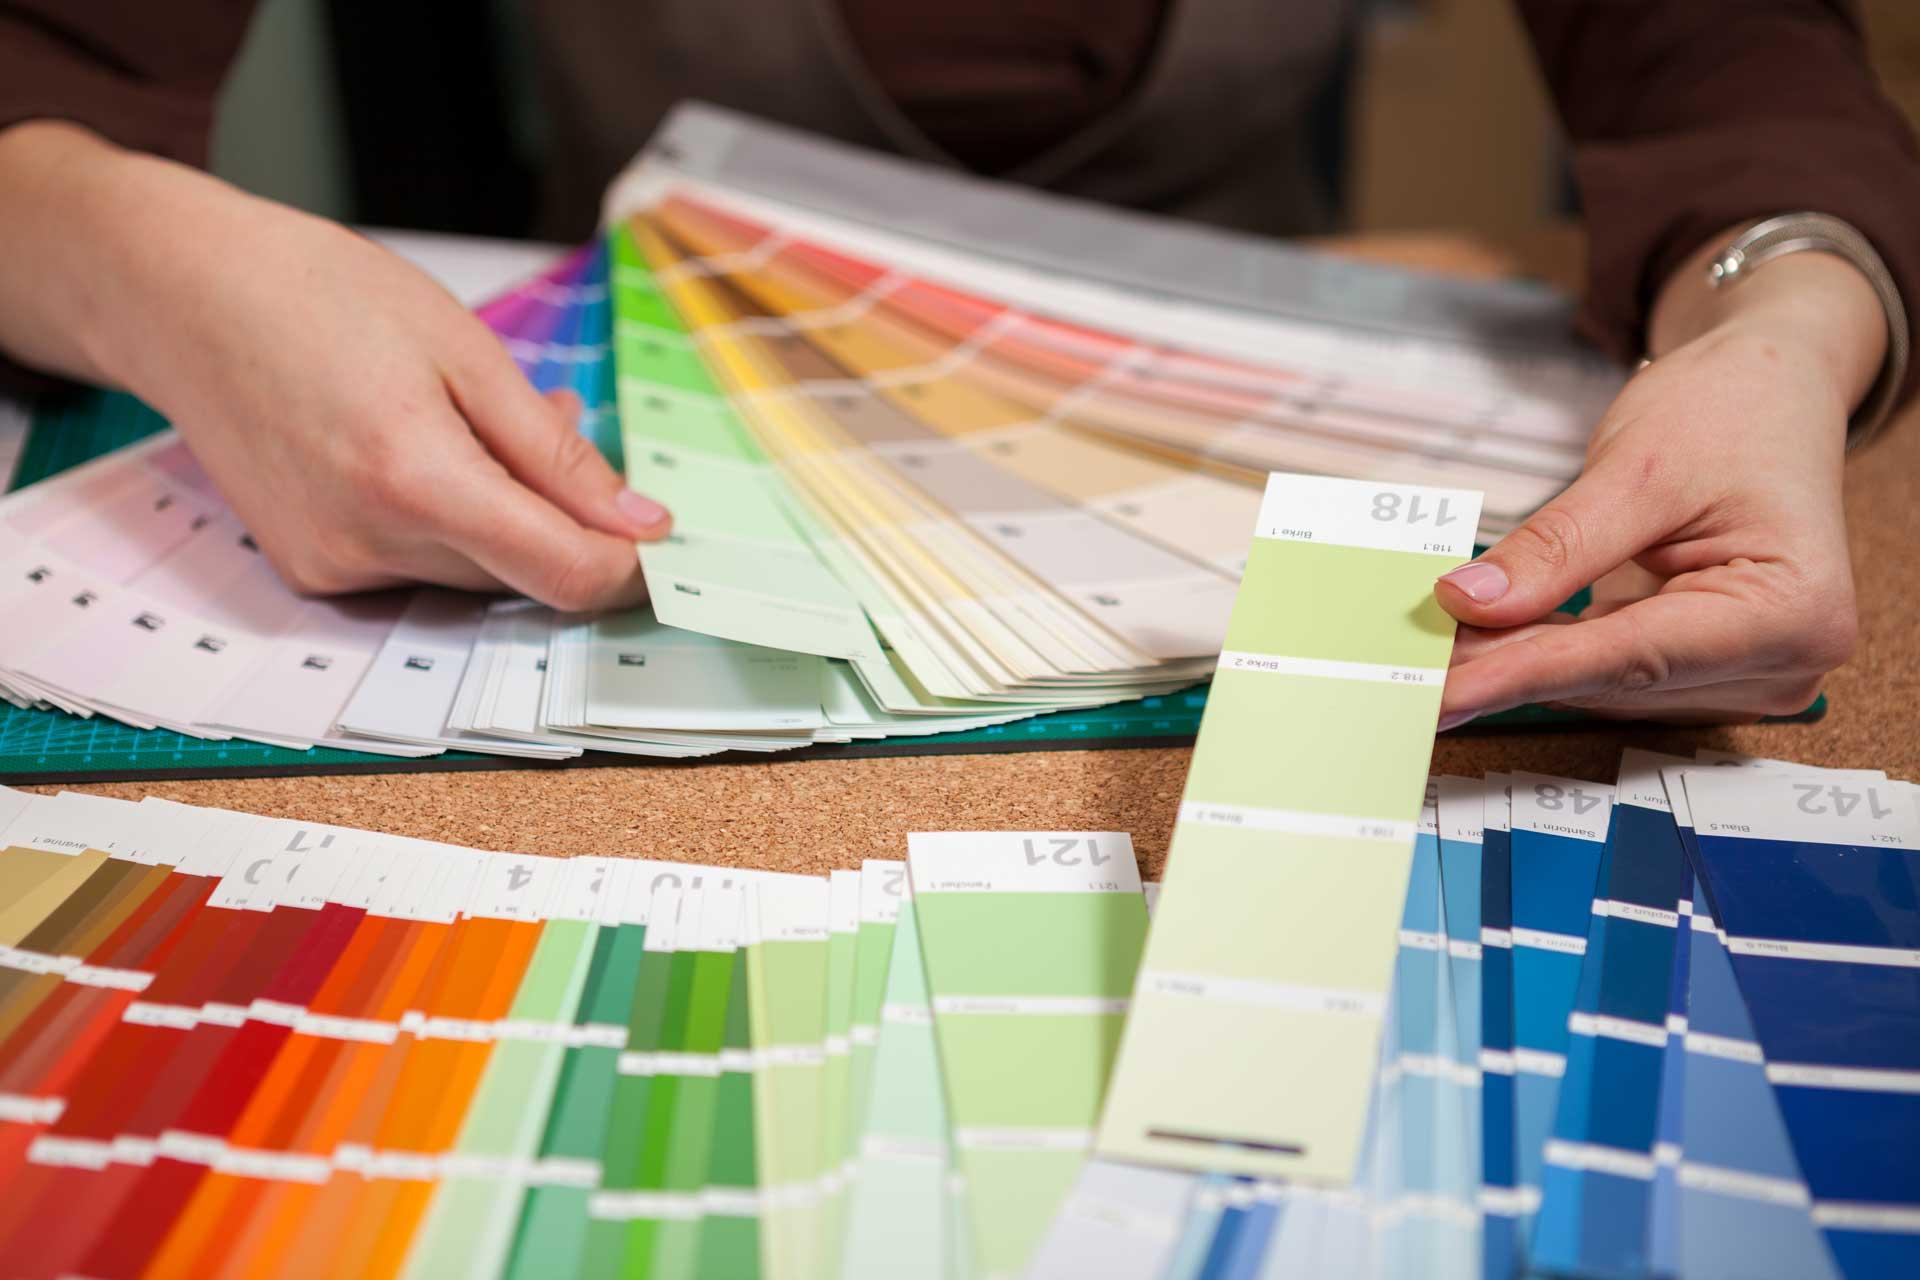 close-up-image-of-color-cards-on-architect-desk-PDTDP7N.jpg